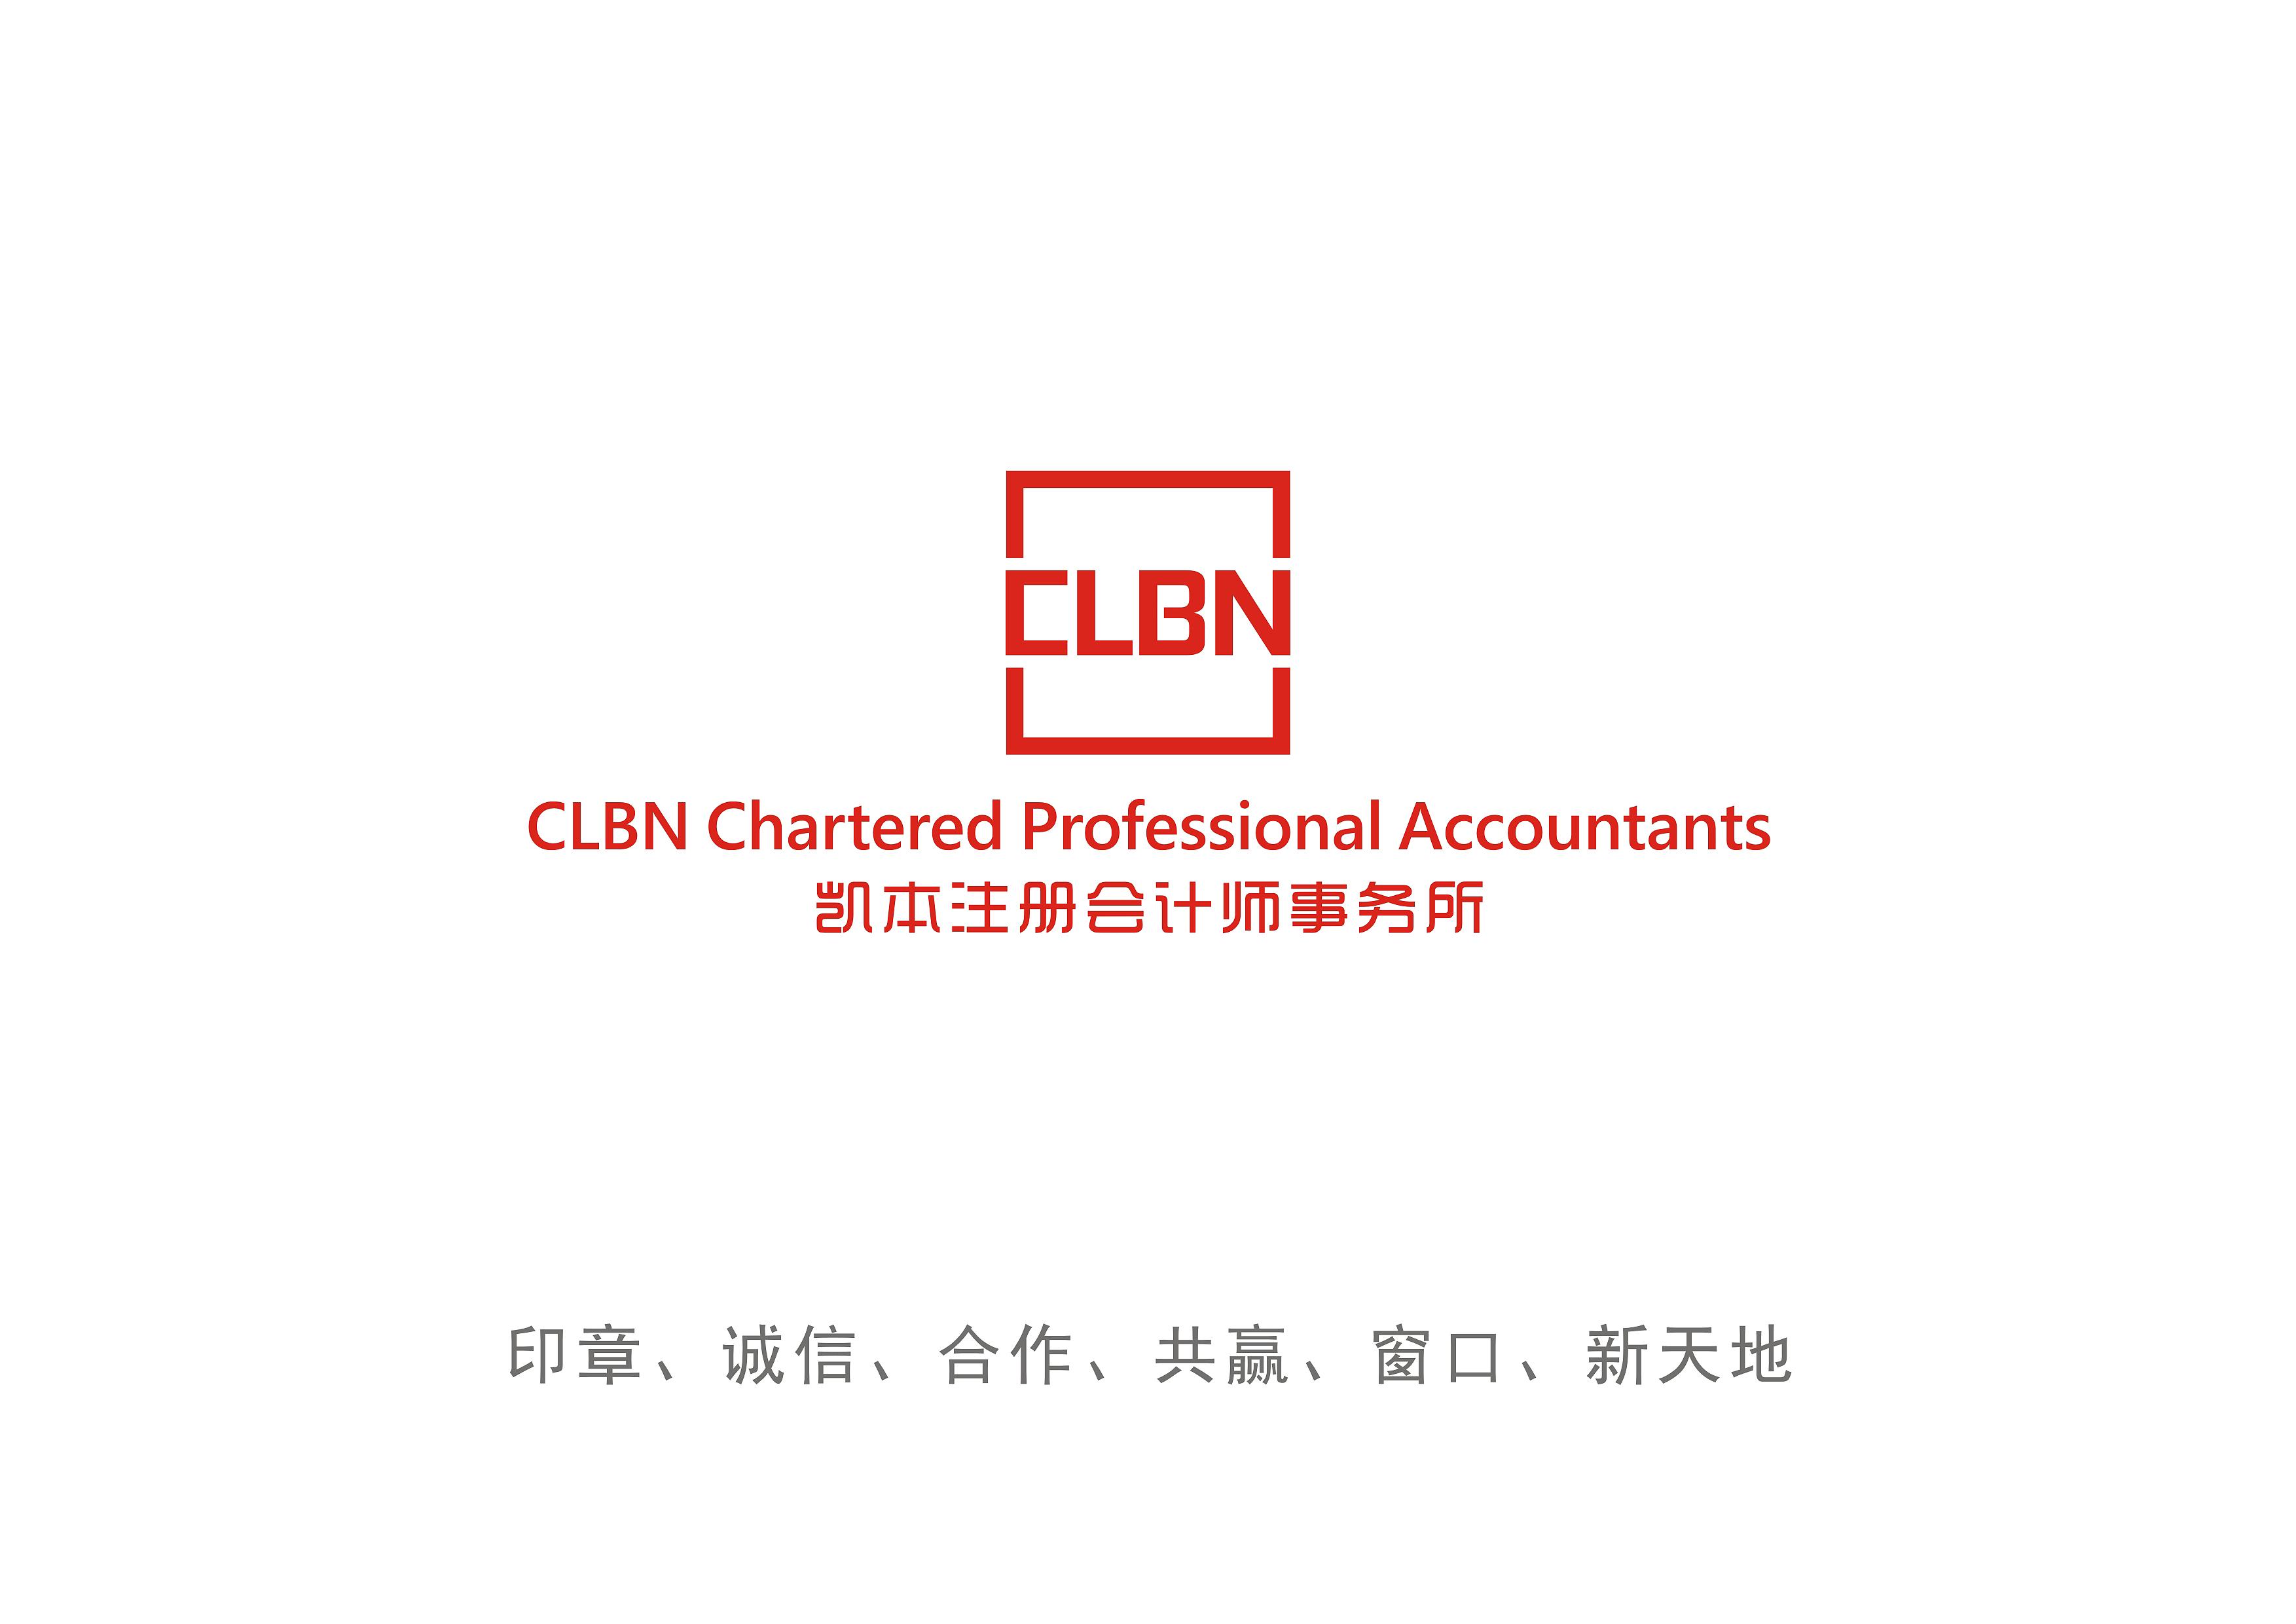 CLBN 公司Logo�O�_3025268_k68威客�W